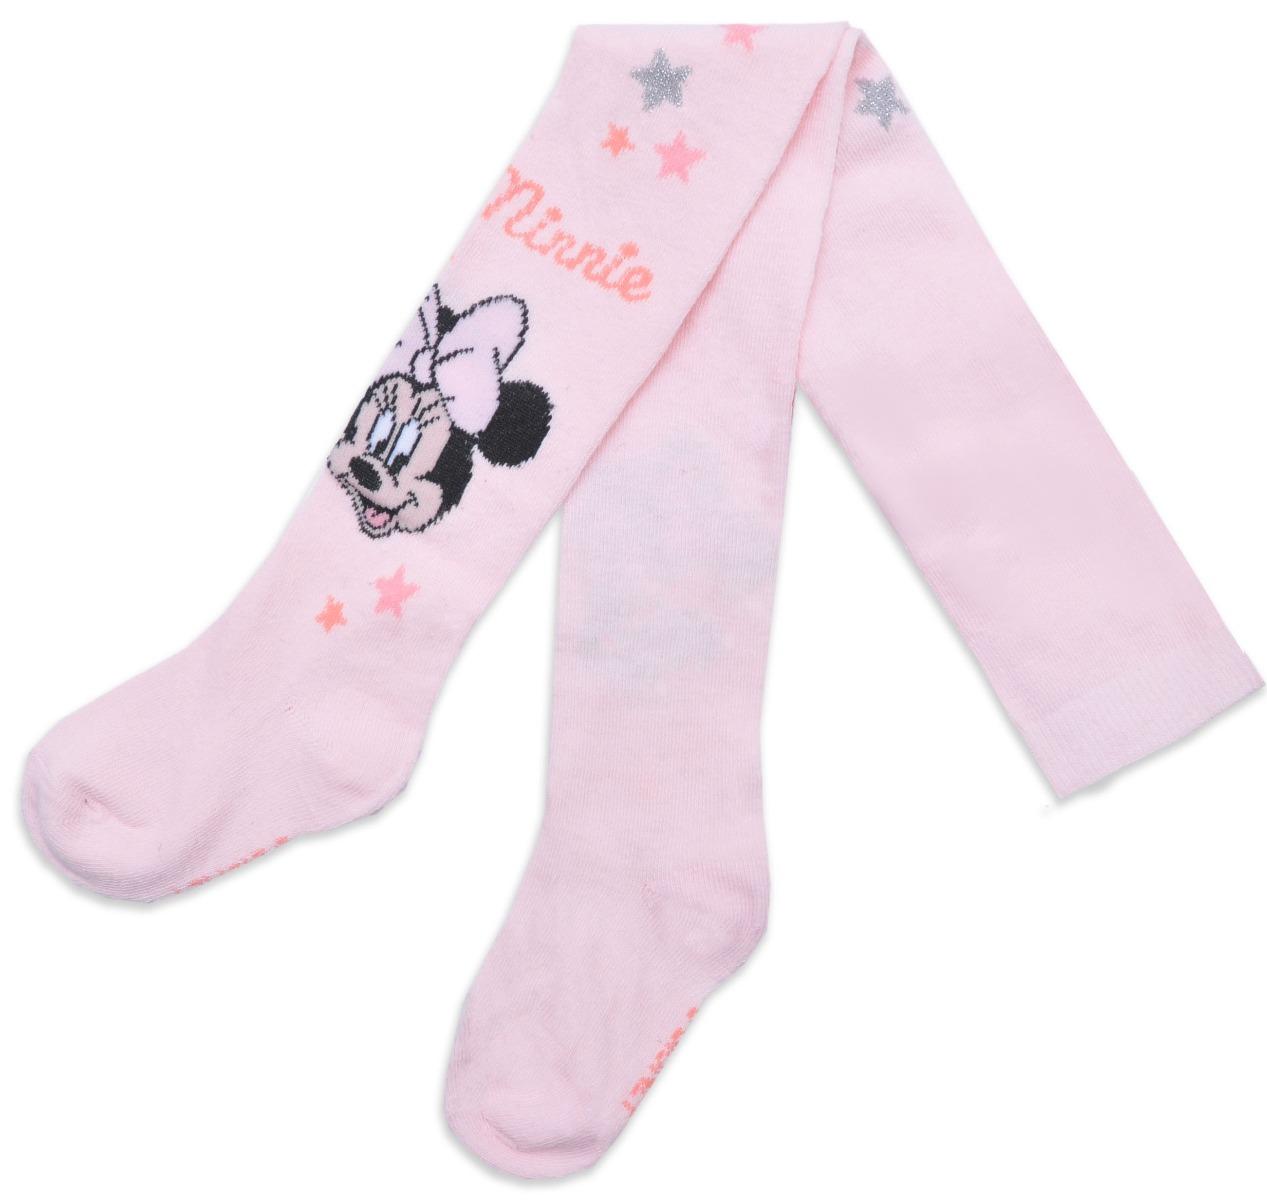 Dres de fete cu imprimeu Minnie Mouse, Roz imagine